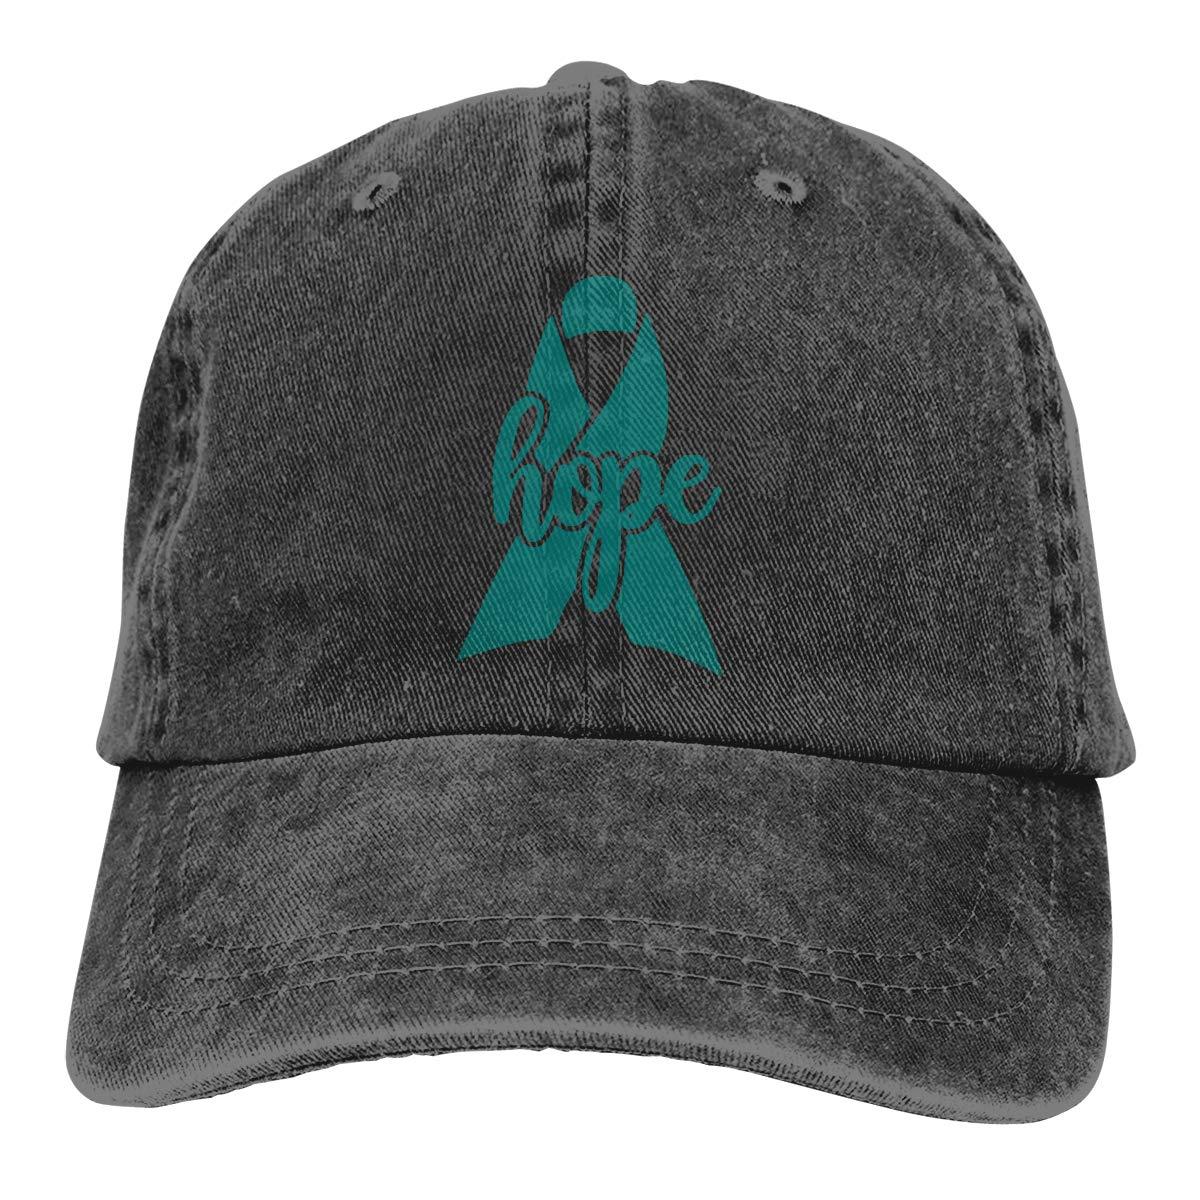 Gorras de béisbol ajustables para hombres y mujeres con cinta de concienciación sobre el cáncer de ovarios Hope, gorra de tela vaquera de Hip Hop